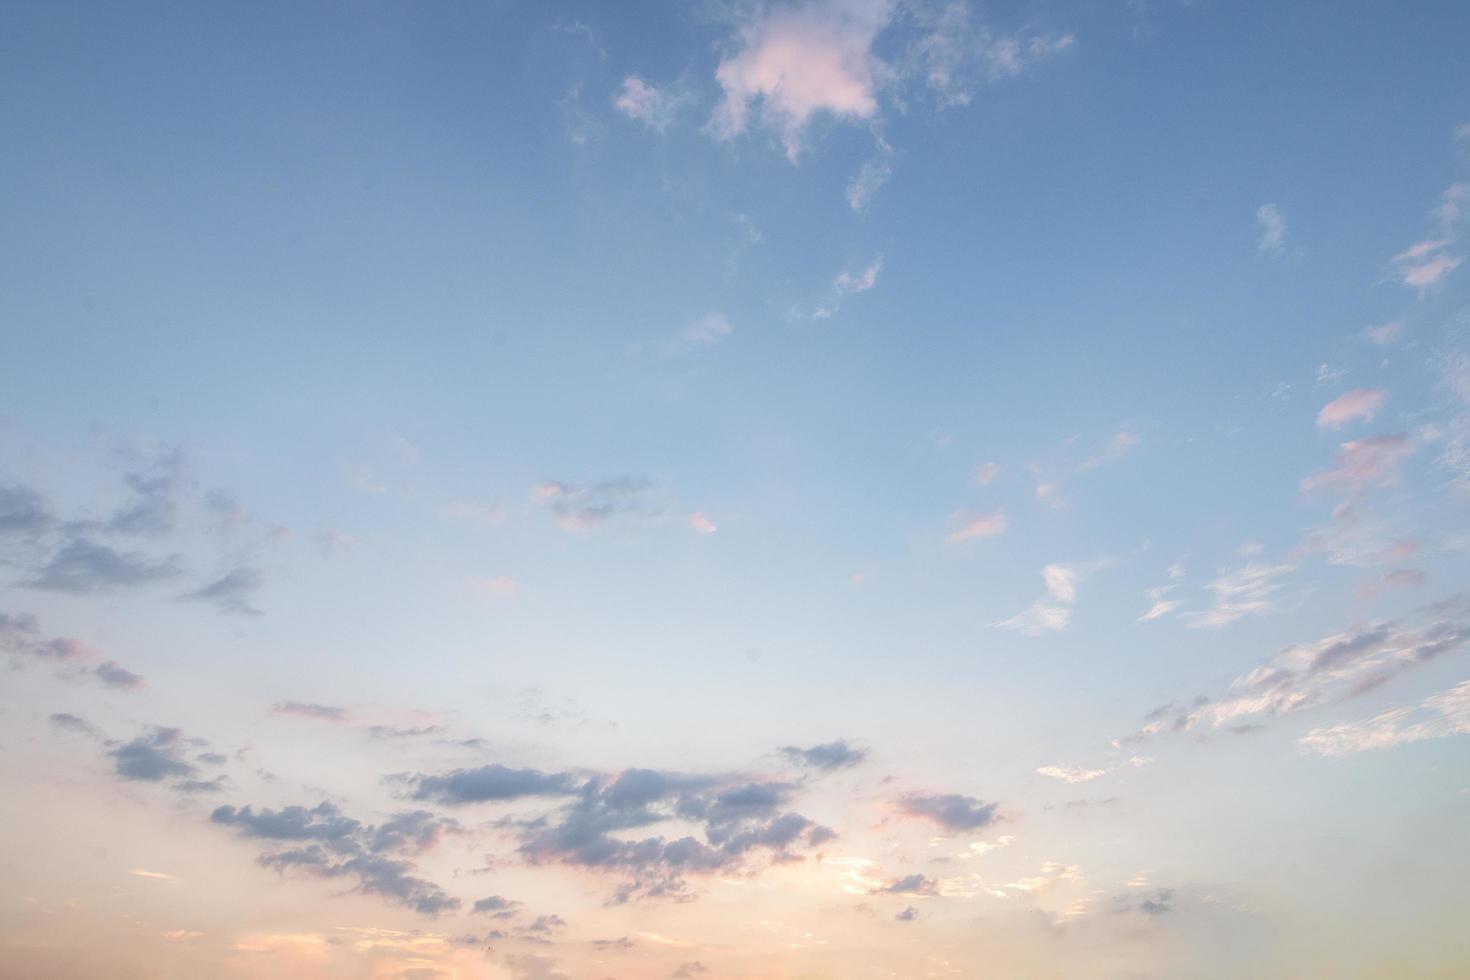 nubes azules y cielo al atardecer foto